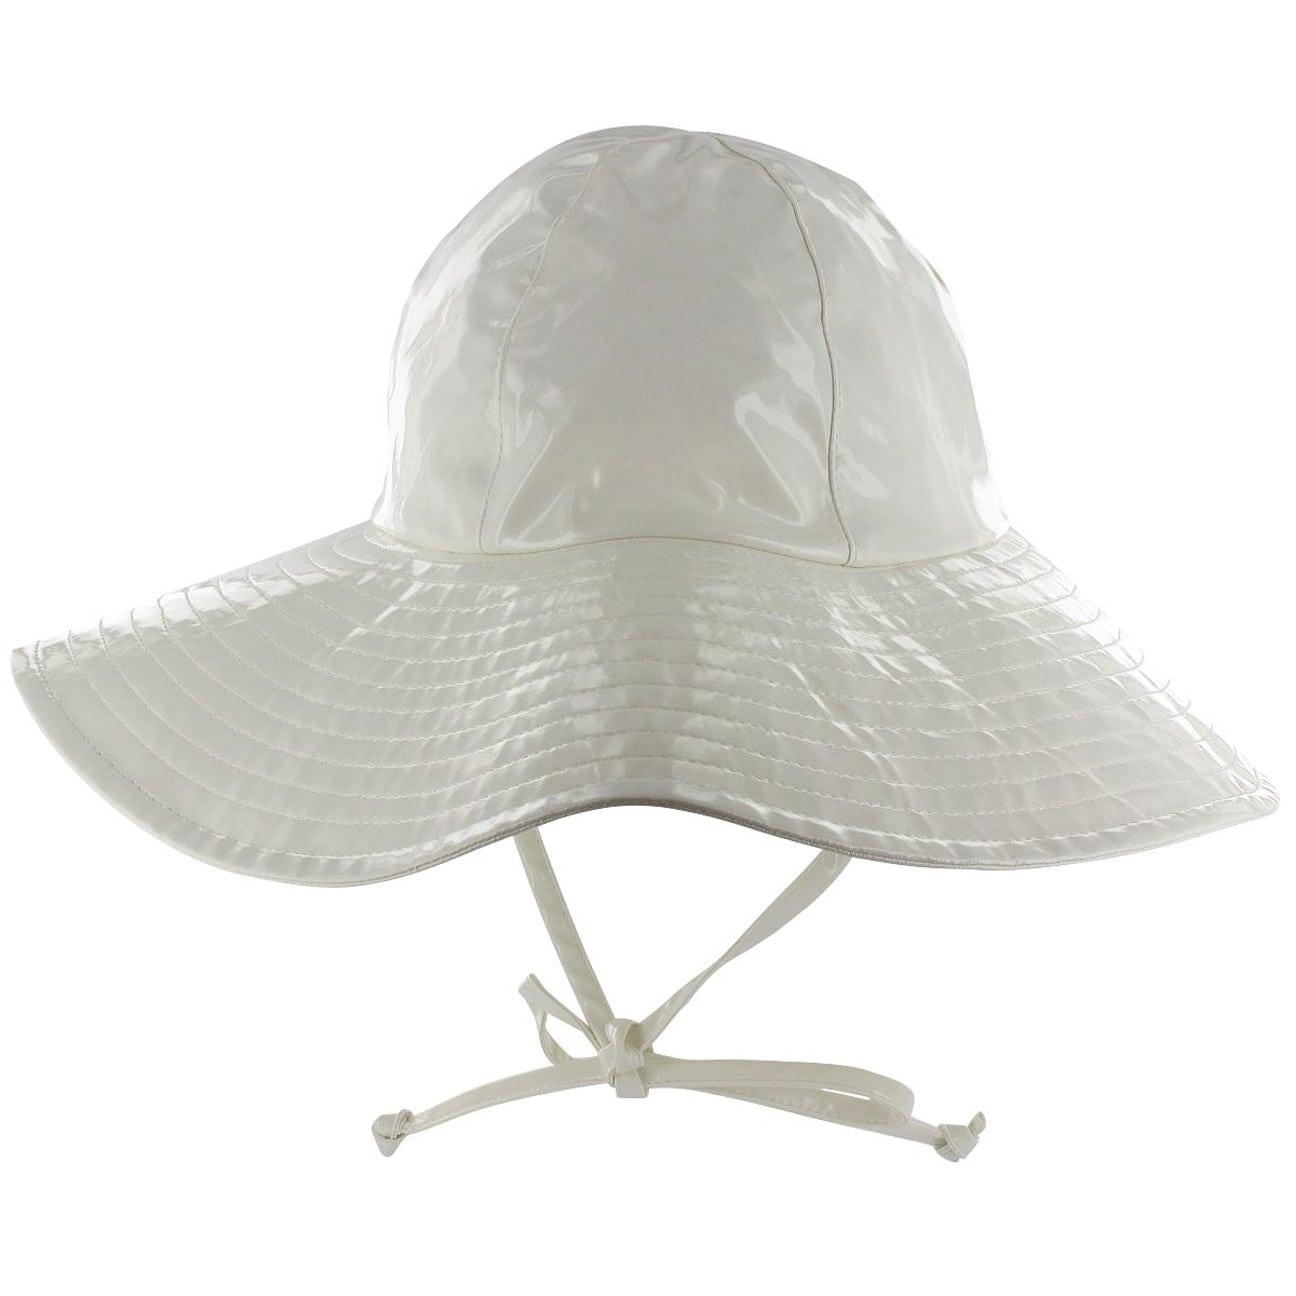 Sombrero para Lluvia Floppy by McBURN - Sombreros - sombreroshop.es ad8cb0410d9